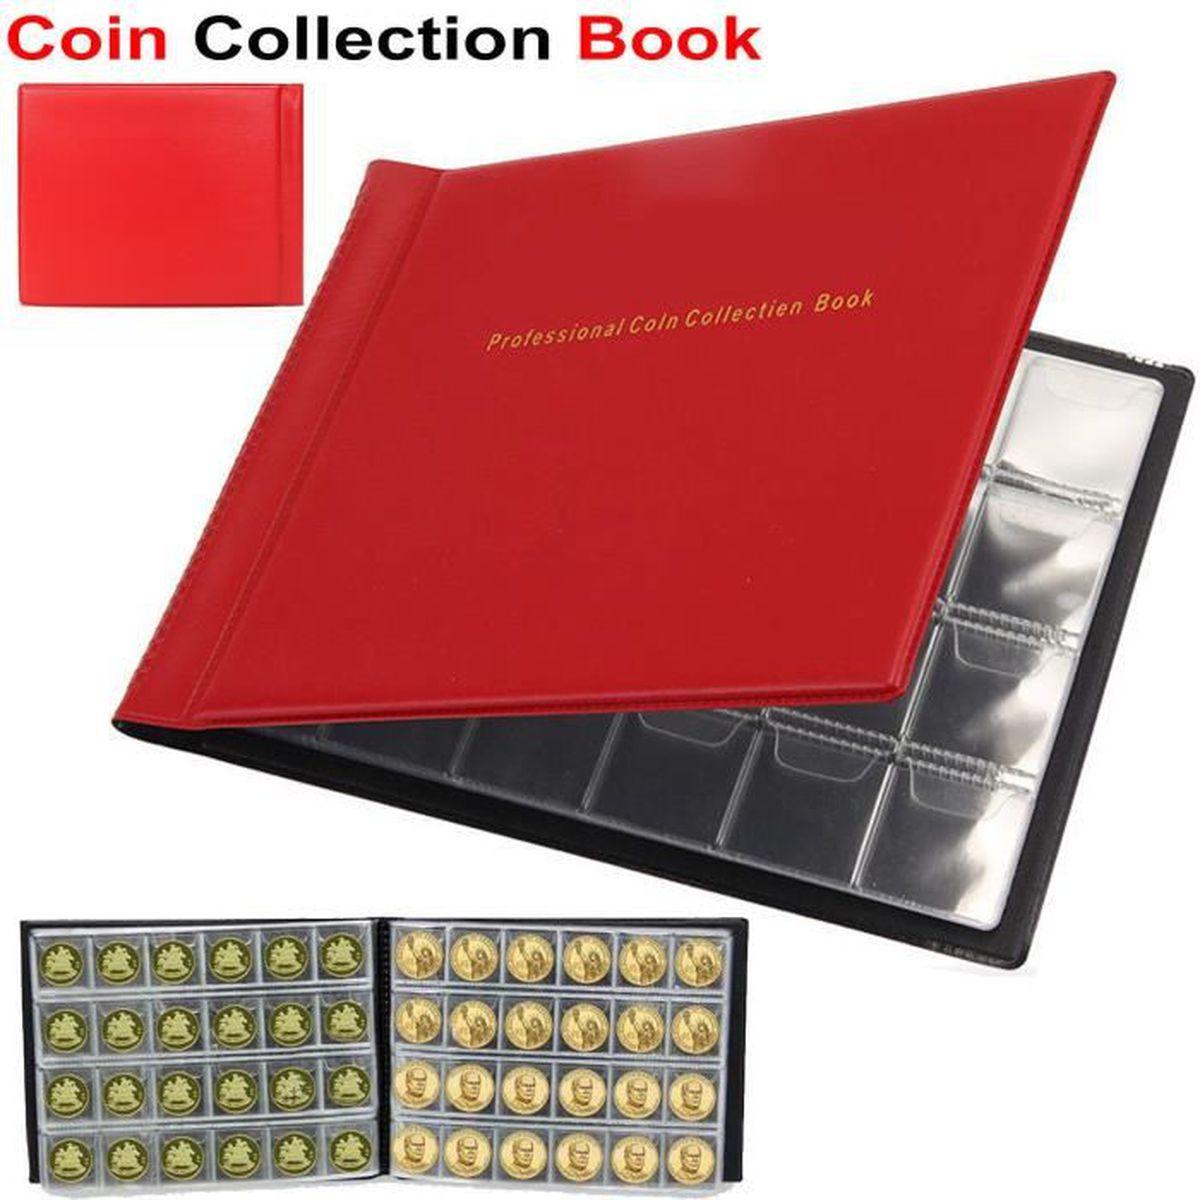 Bleu sharprepublic 2pcs 120 Titulaires pour Penny Money Pocket Pi/èces De Stockage Album Collection De Livres